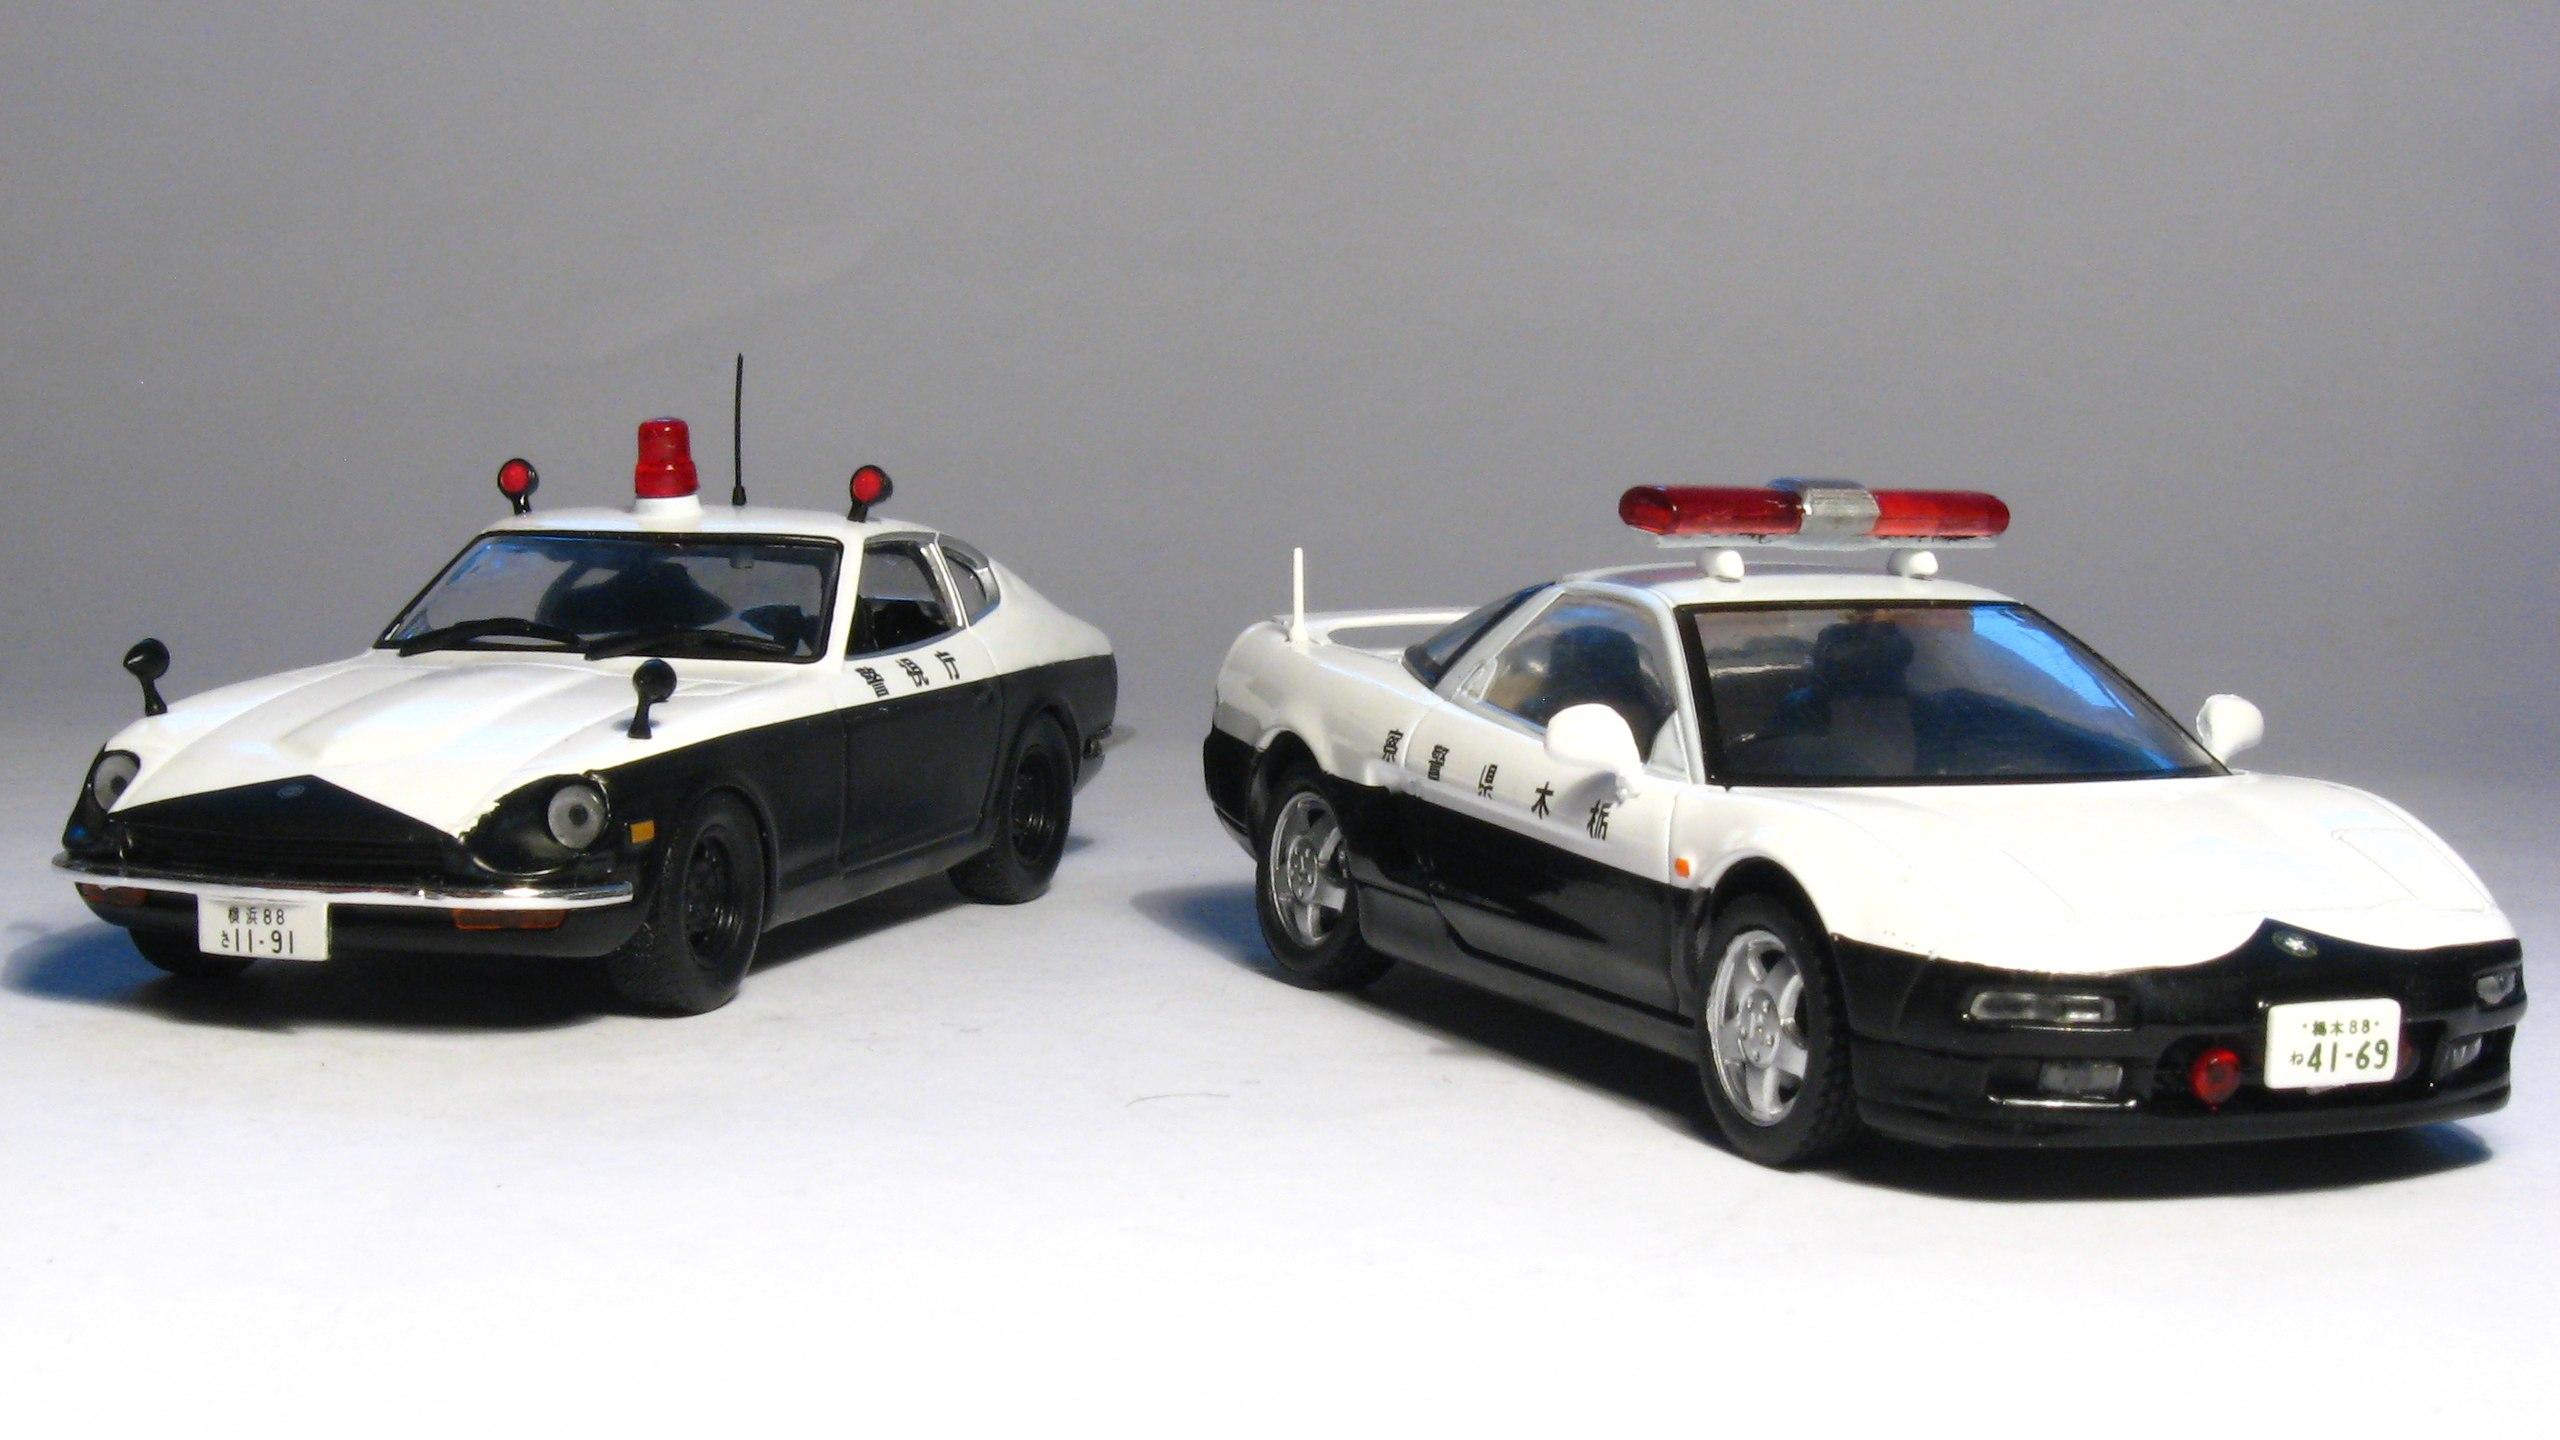 Полицейские Машины Мира - Доработка моделей, советы, фото